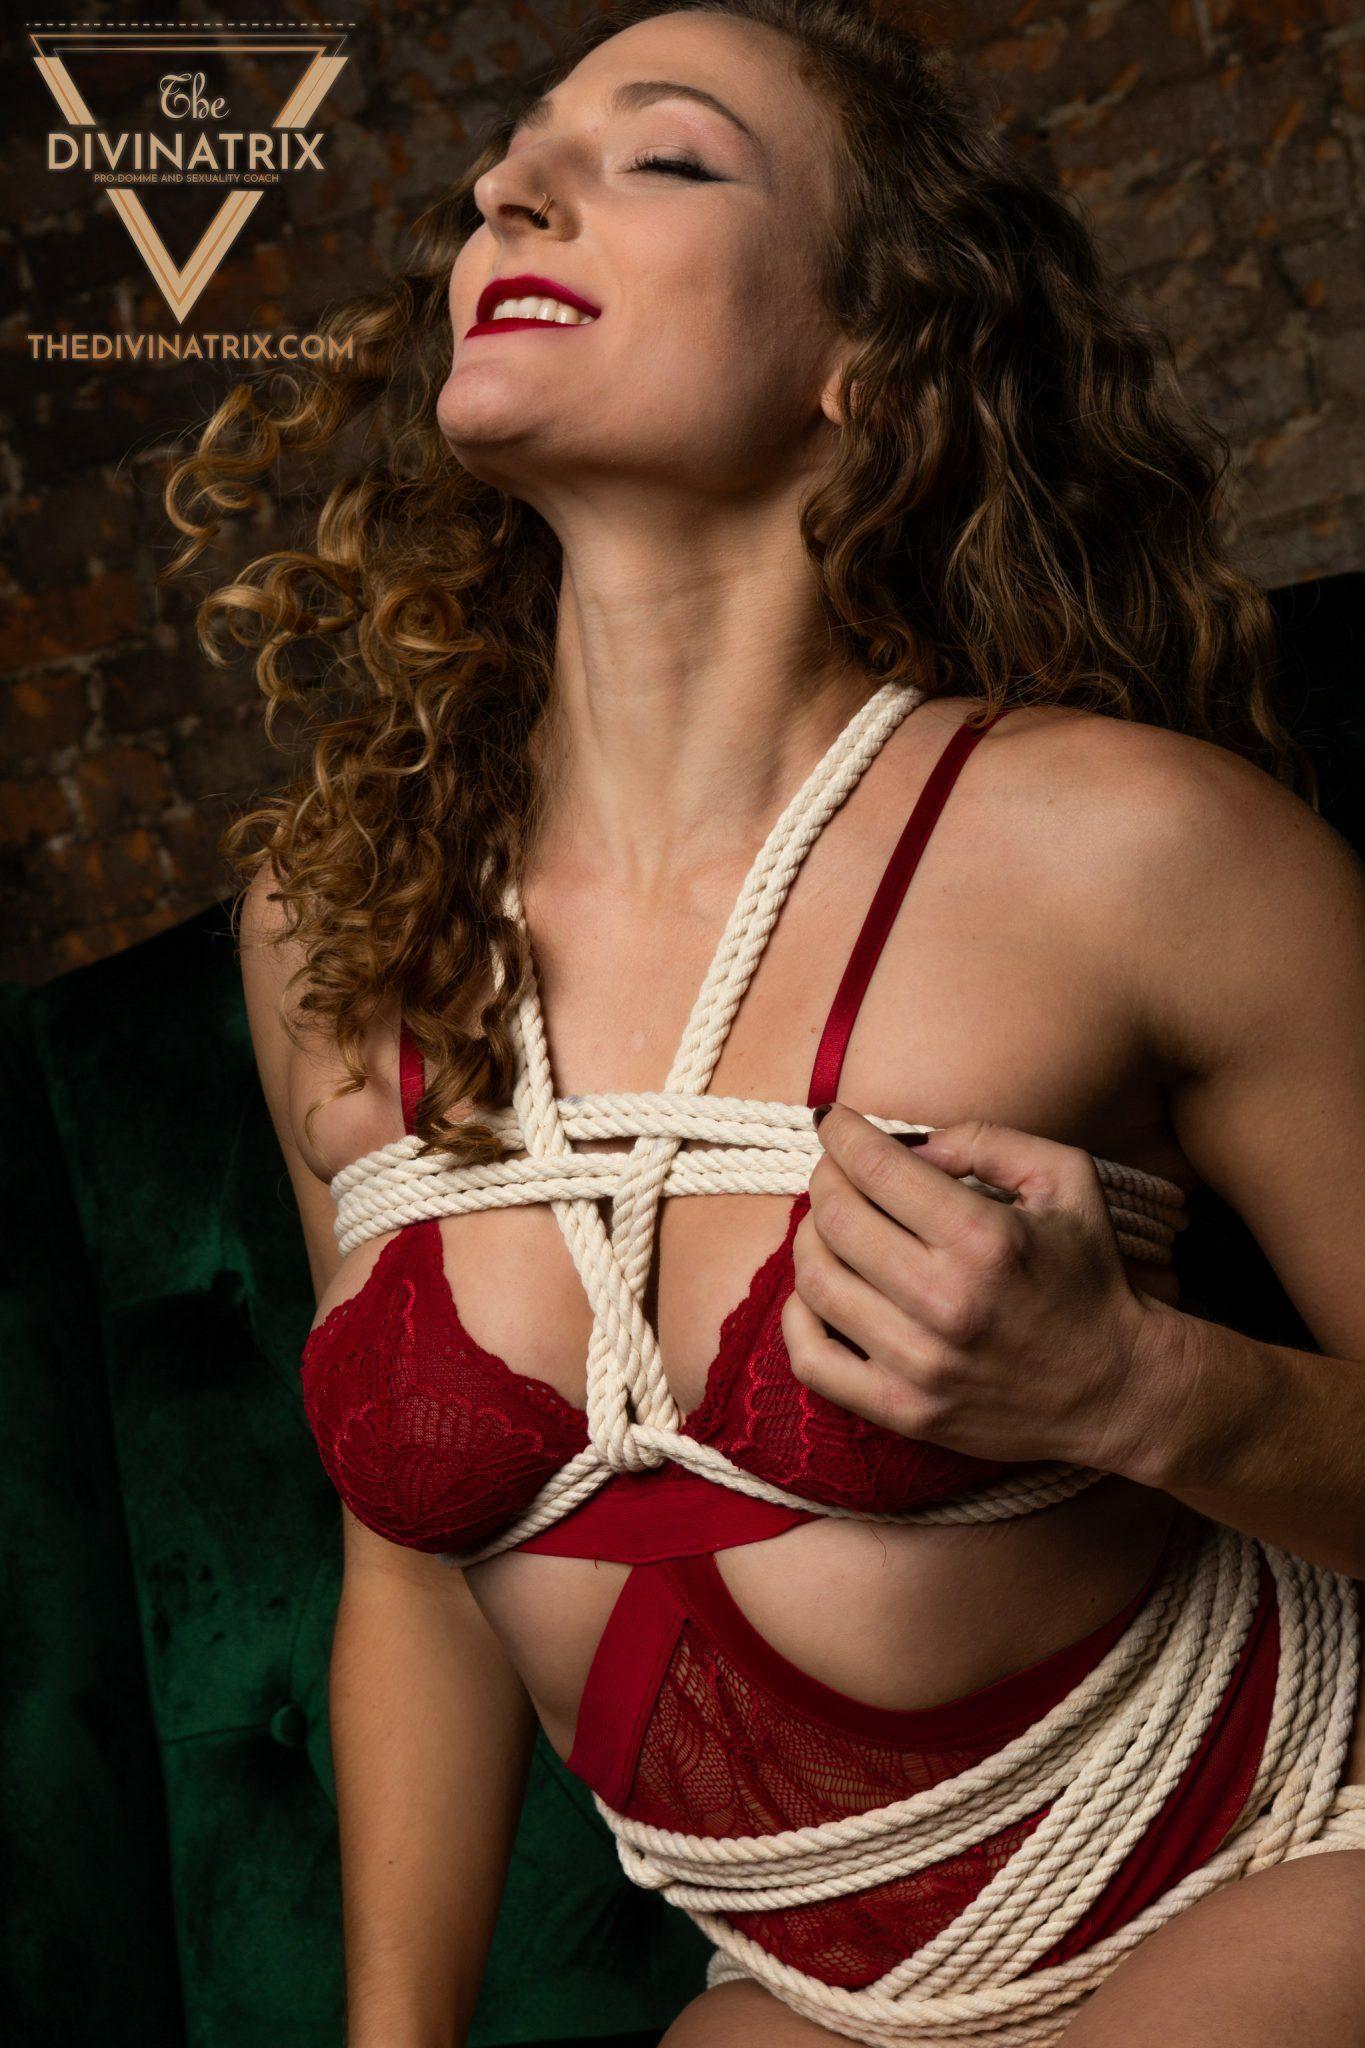 The Divinatrix   Pahoa, HI; Columbus, OH; Online   Dr. Revel Belle